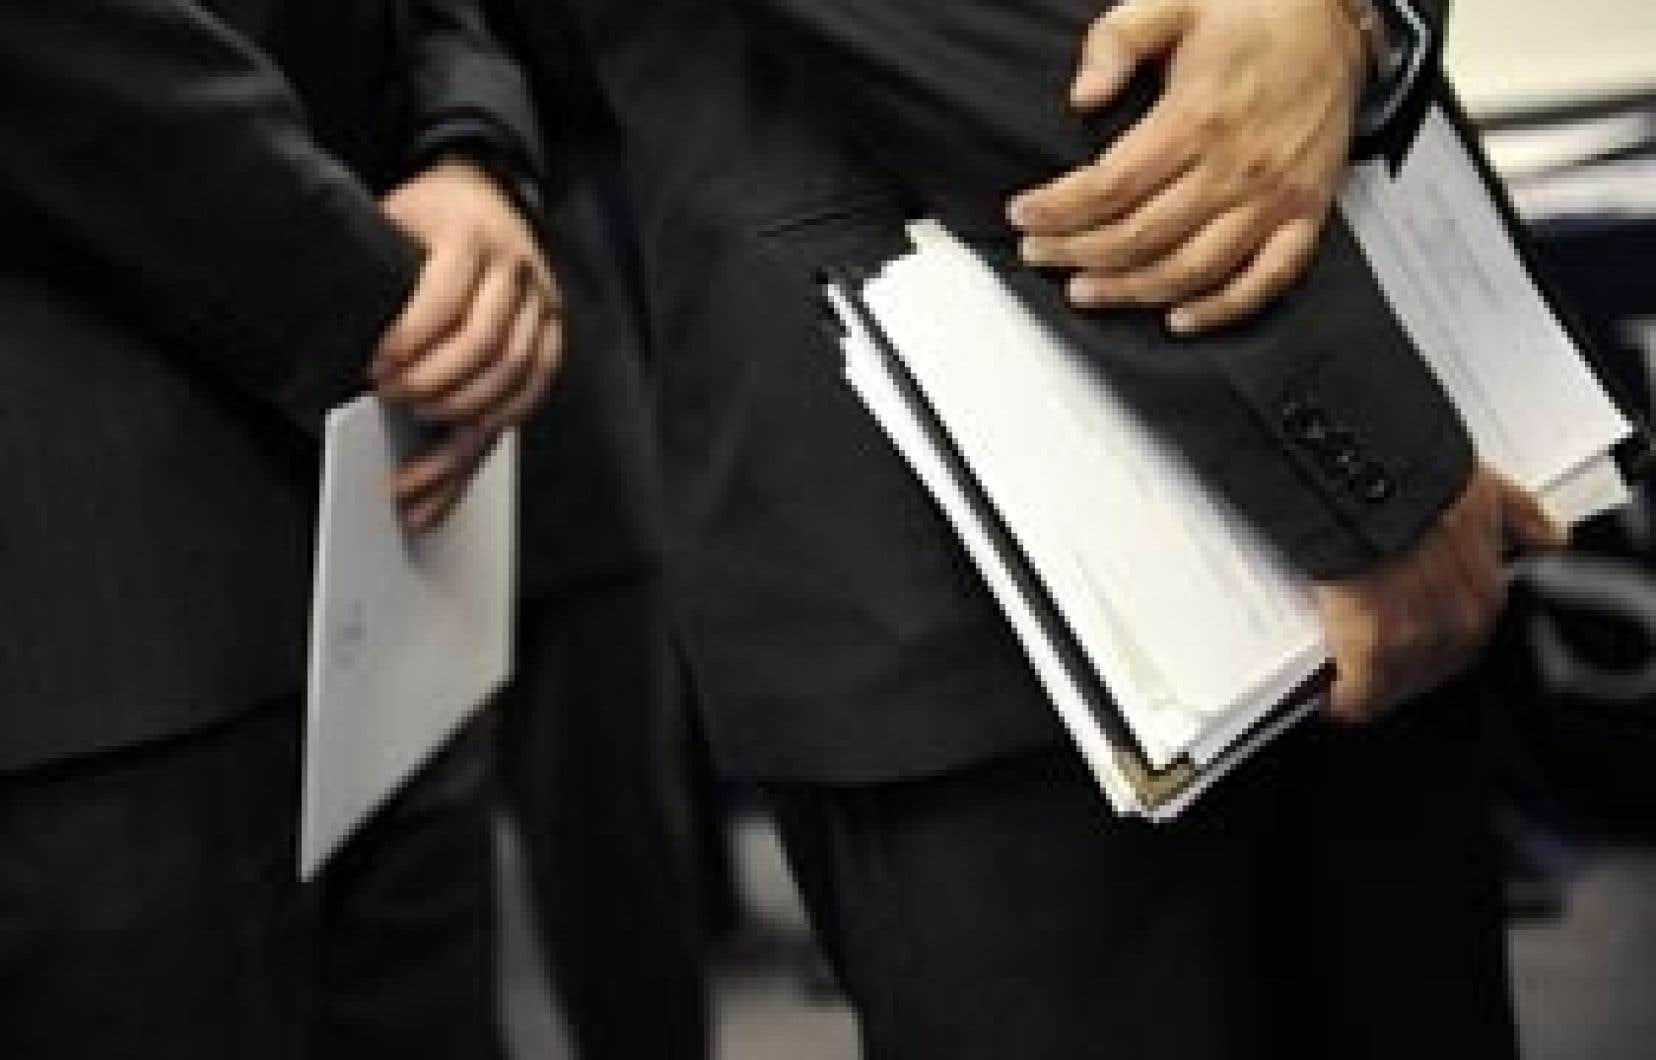 Curriculum vitae en main, des candidats attendent d'être reçus pour une entrevue. Le nombre de Canadiens touchant des prestations ordinaires d'assurance-emploi a atteint 560 400 en janvier, en hausse de 4,4 % par rapport à décembre.